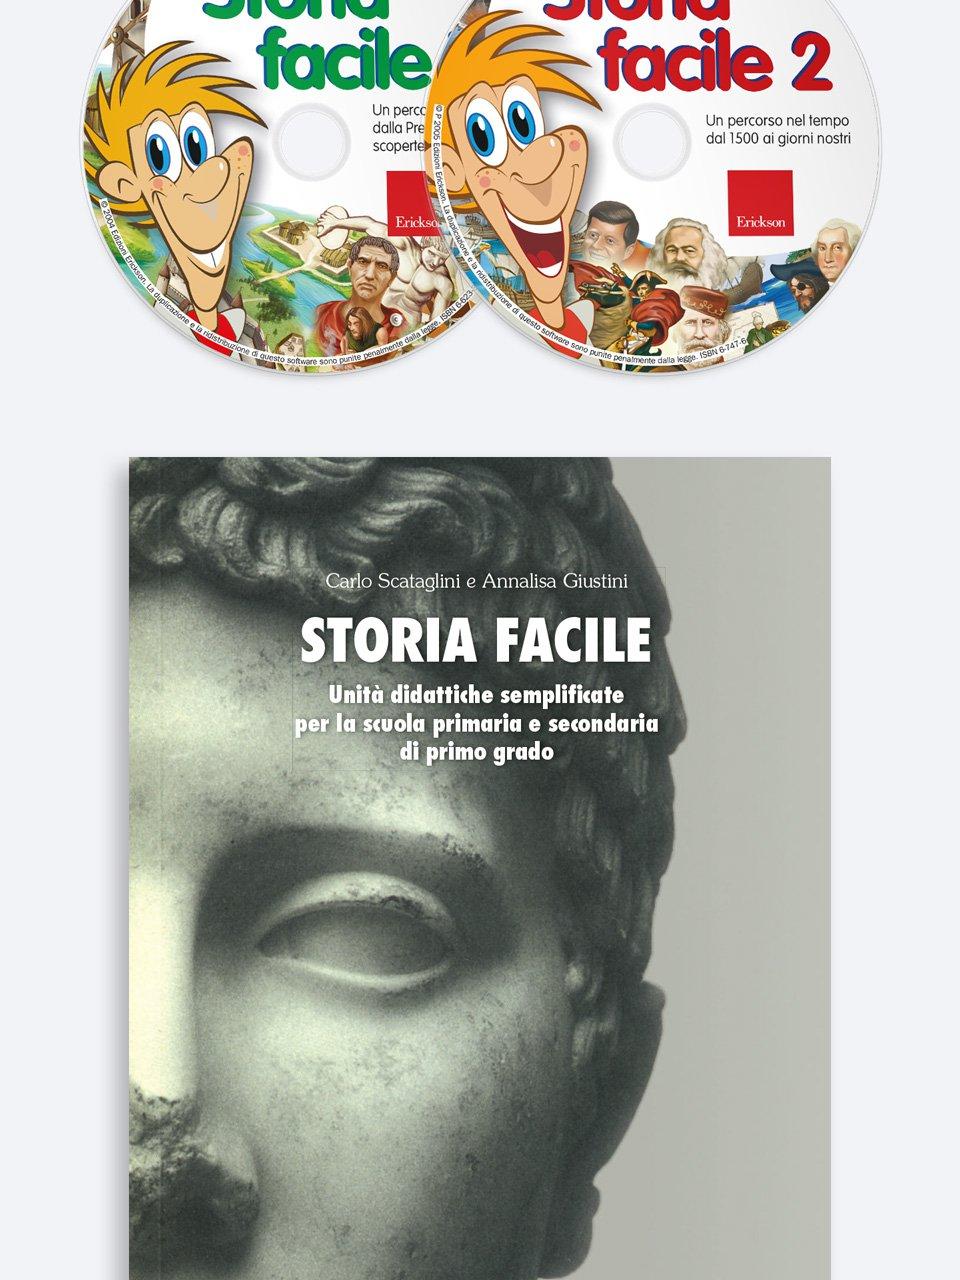 Storia facile - Geografia facile per la classe quinta - Libri - Erickson 3